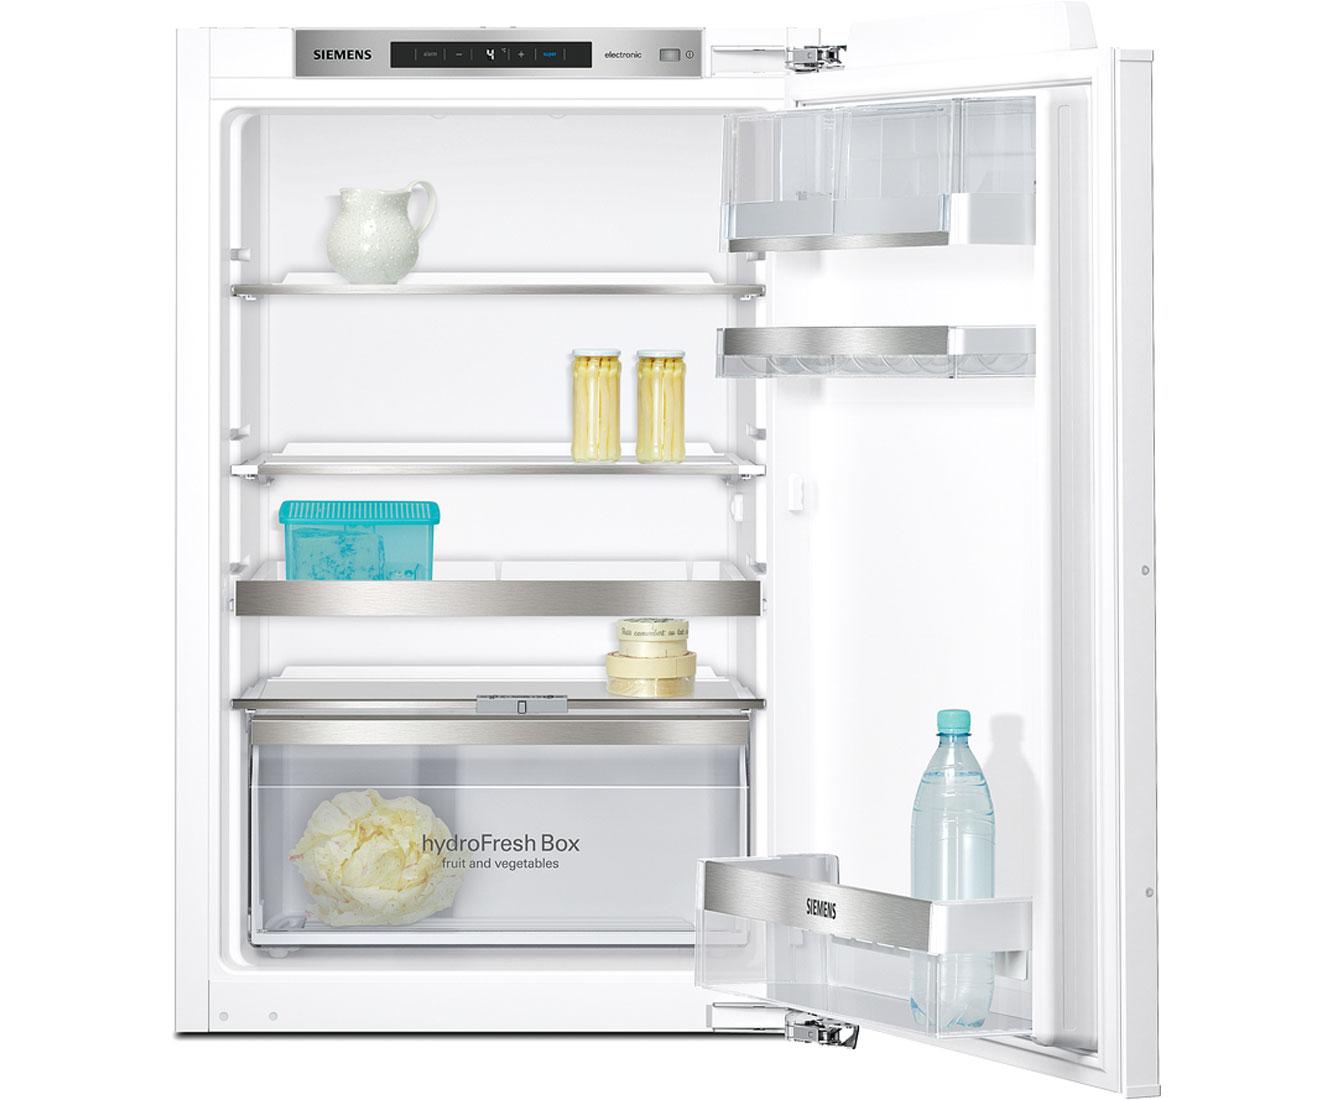 KI21RAD40 Kühlschränke - Weiss